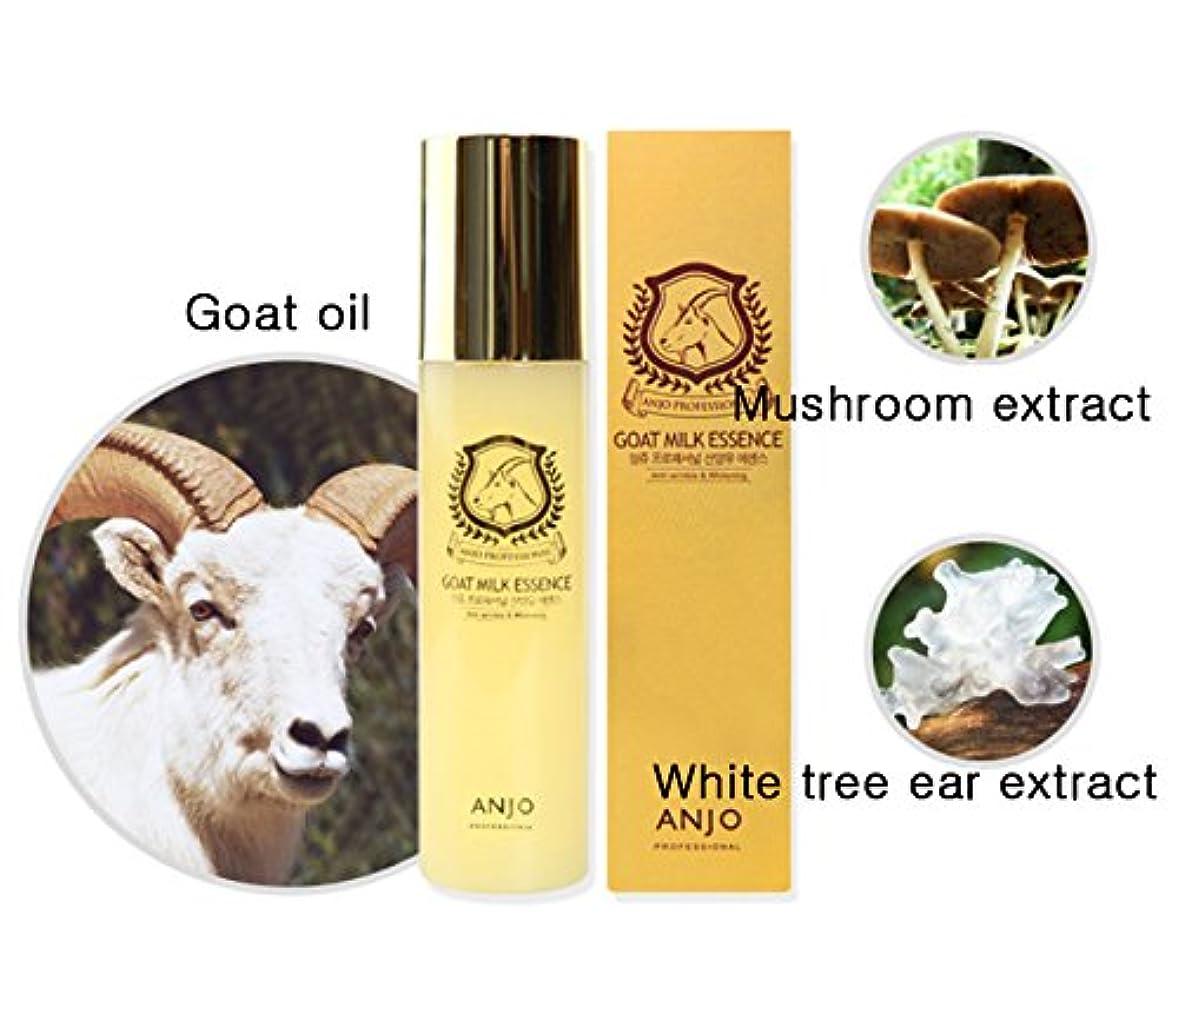 ナース速度過言[ANJO] ヤギミルクエッセンス150ml /ミネラルウォーター/ホワイトニング、保湿、スキンケア / Goat Milk Essence 150ml / Mineral Water / Whitening, Moisturizing...